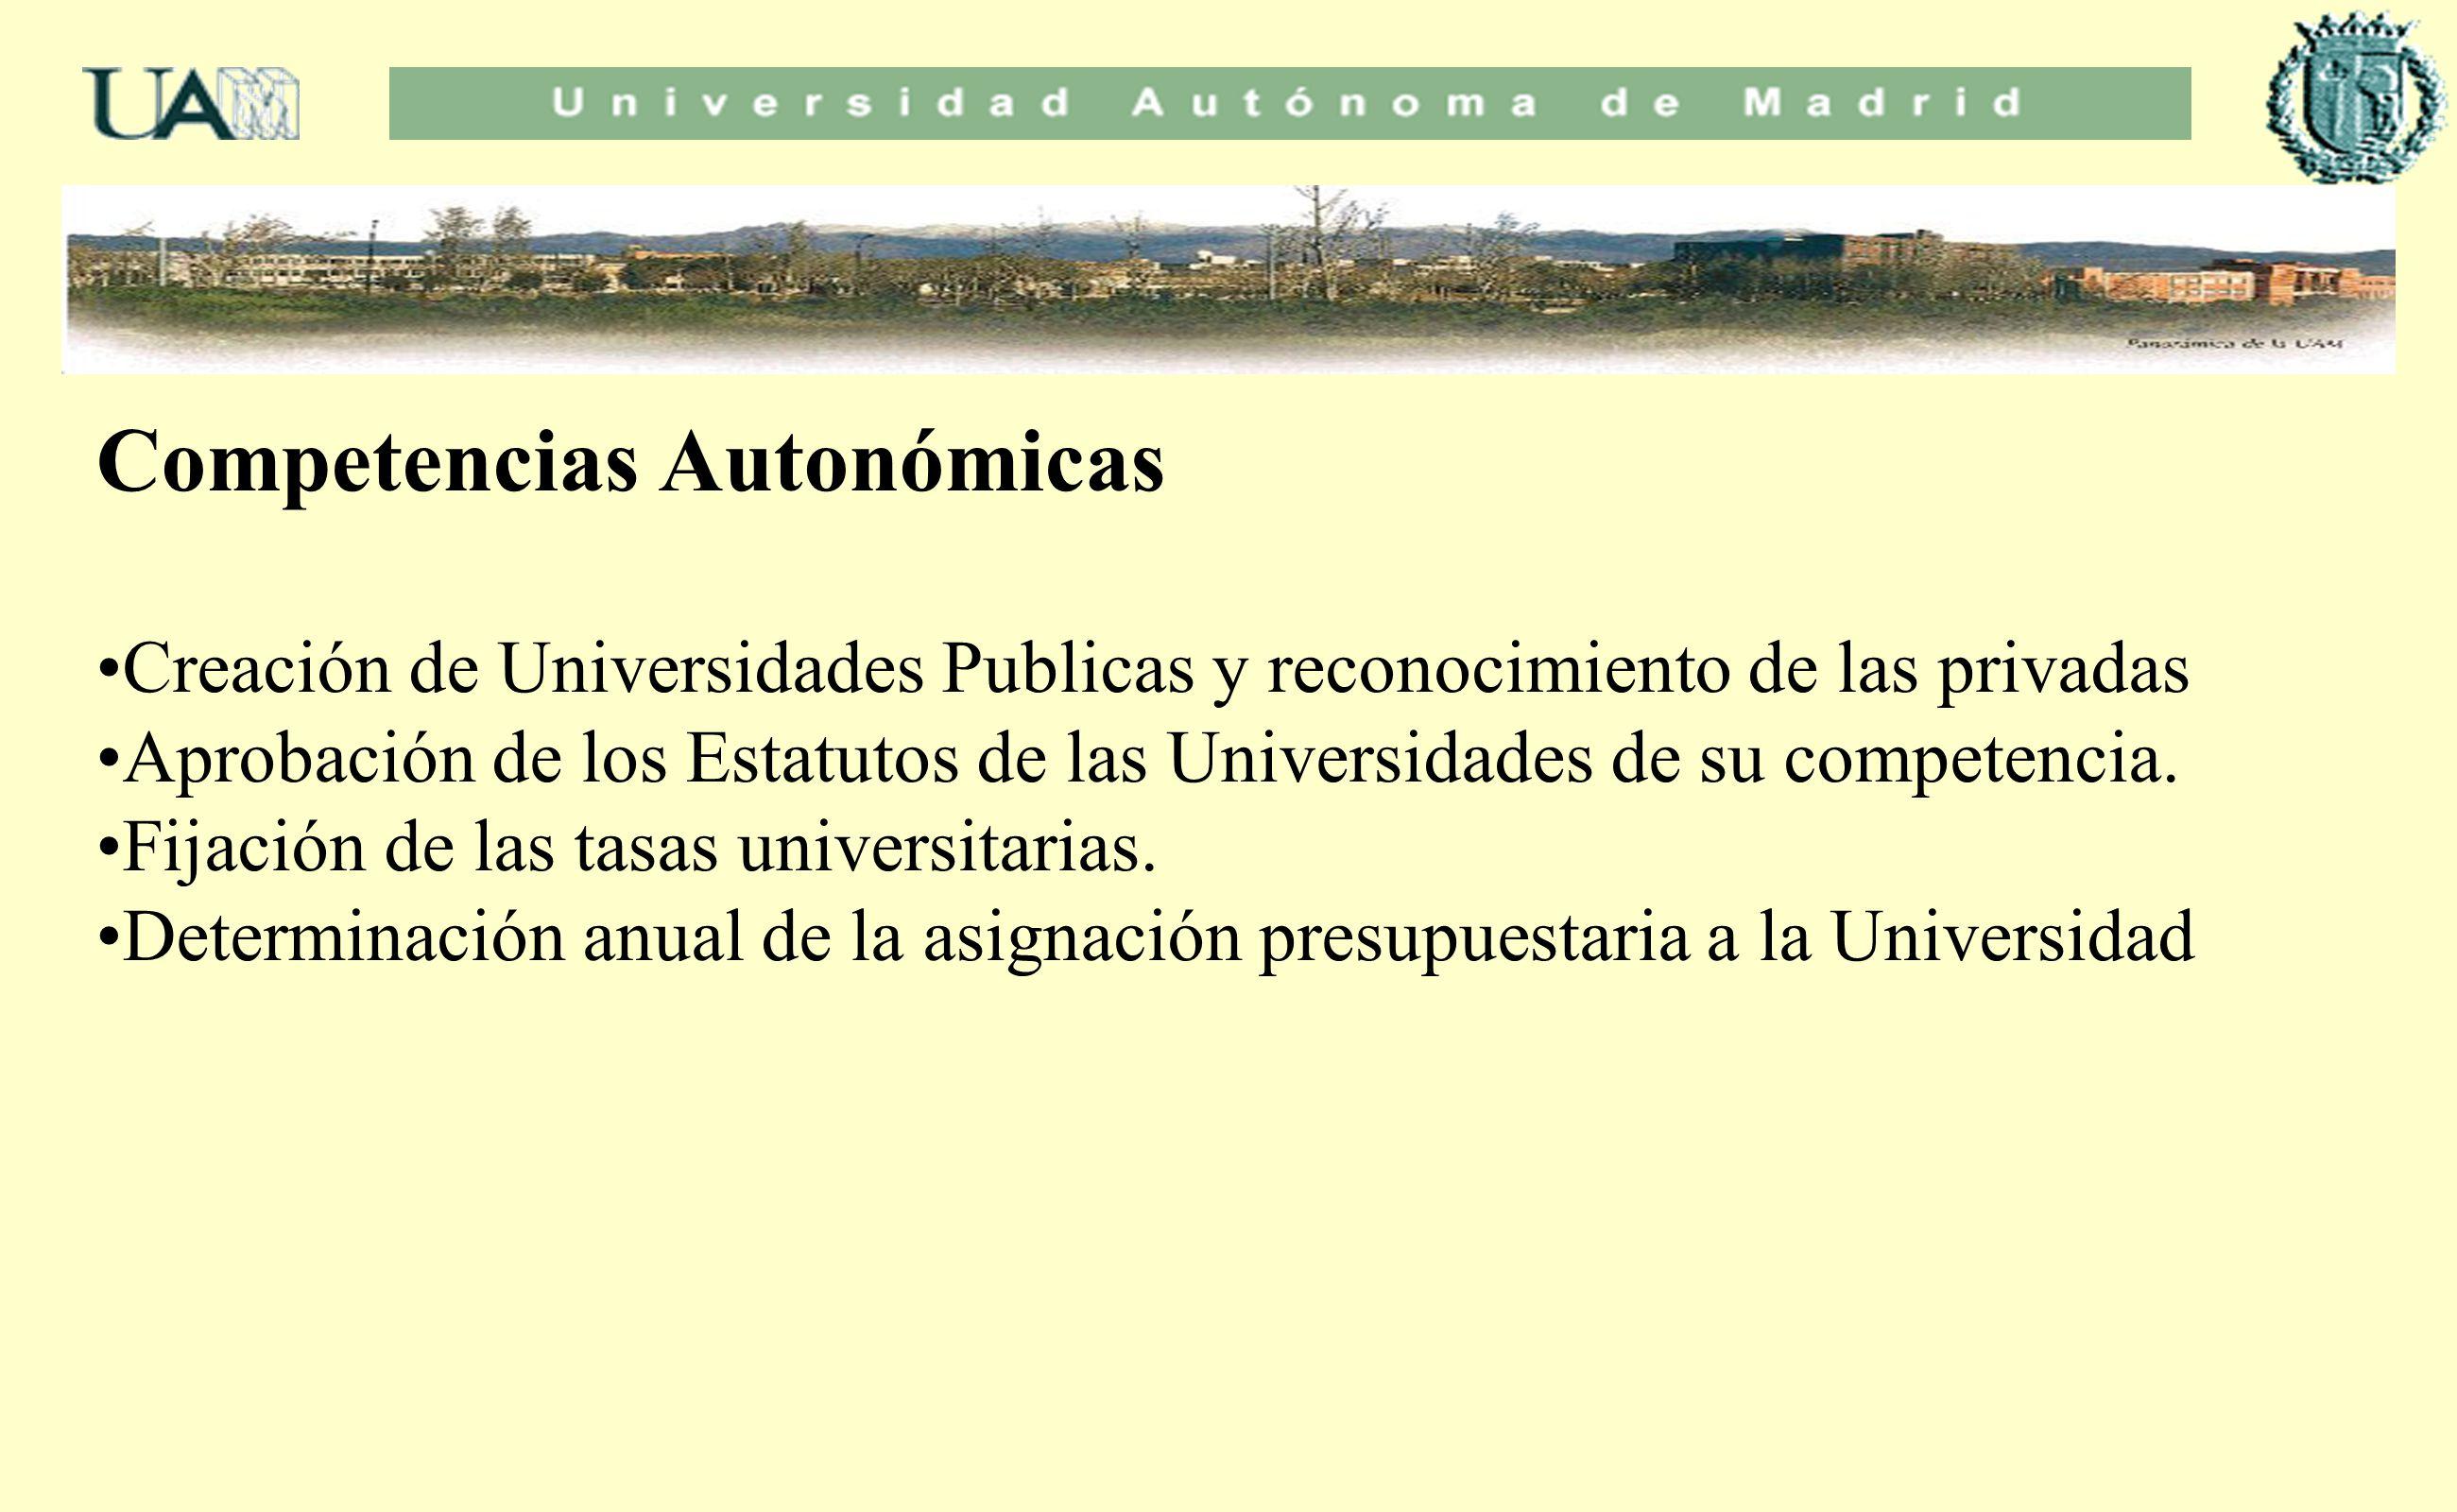 Competencias Autonómicas